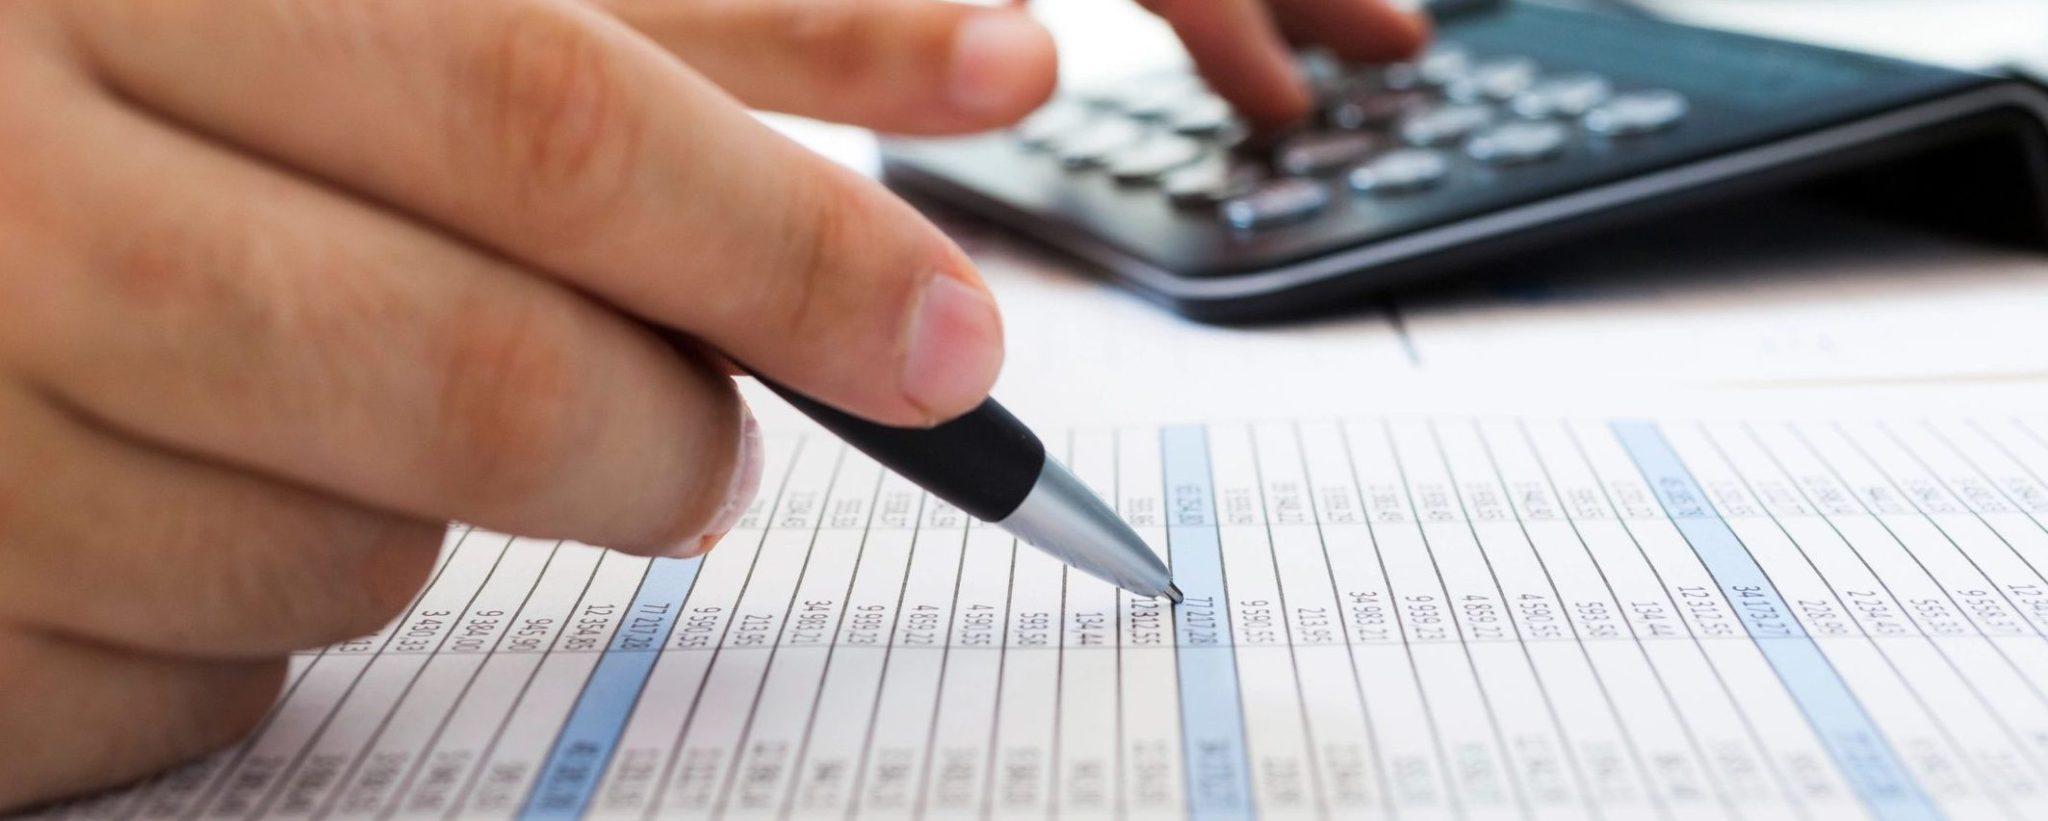 Audit & Assurance Services